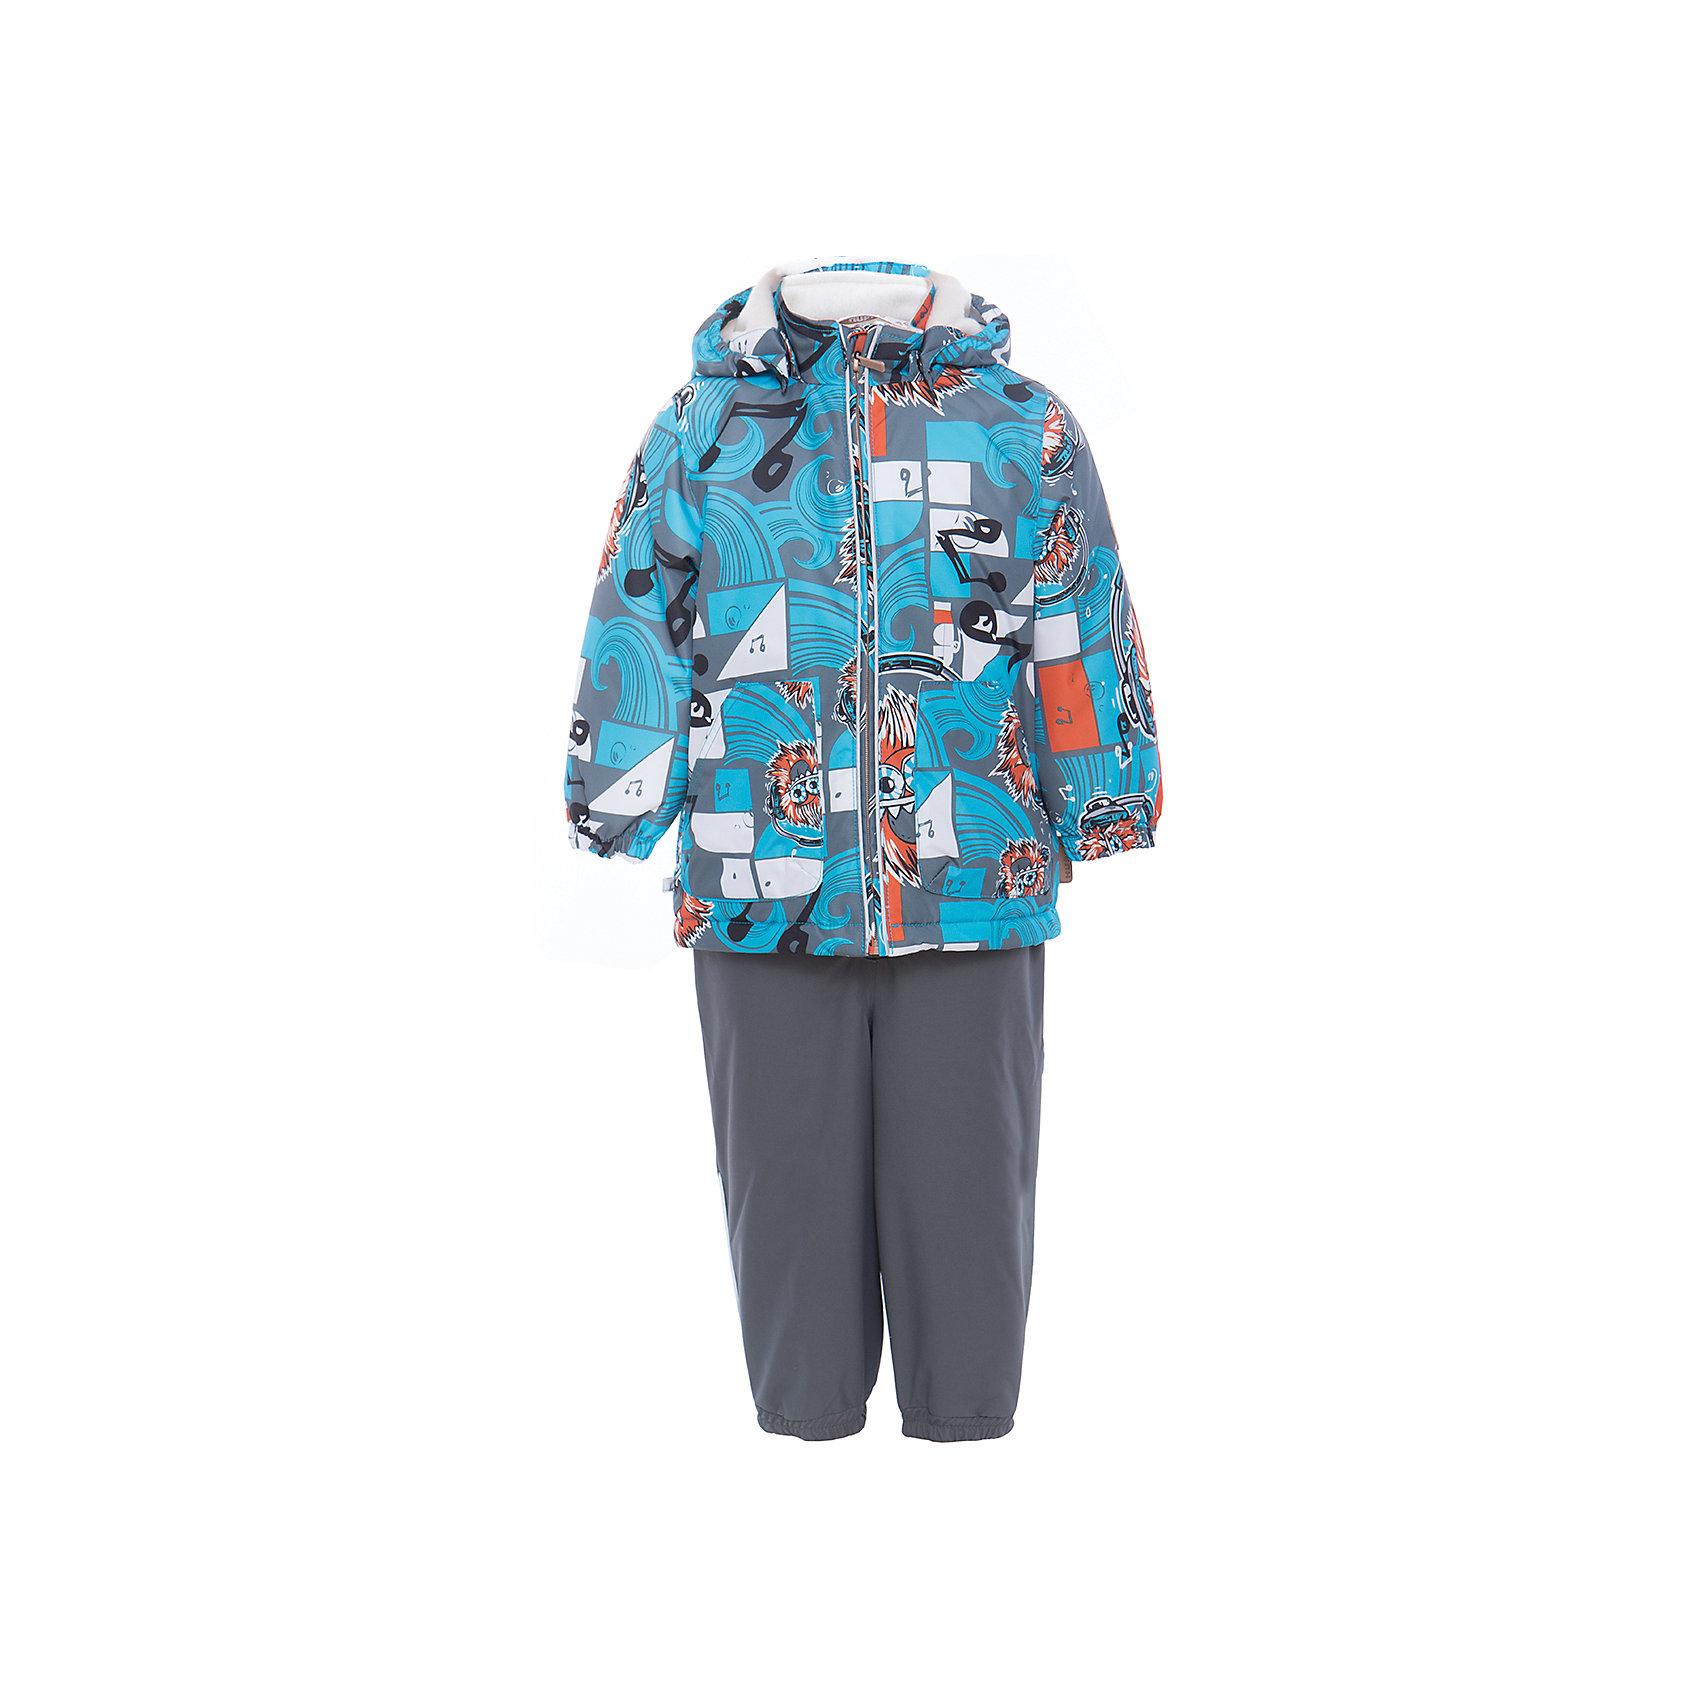 Комплект: куртка и полукомбинезон для мальчика CARLO HuppaХарактеристики товара:<br><br>• цвет: голубой принт/серый<br>• комплектация: куртка и полукомбинезон <br>• ткань: 100% полиэстер<br>• подкладка: тафта - 100% полиэстер<br>• утеплитель: 100% полиэстер; куртка 100 г, полукомбинезон 40 г<br>• температурный режим: от -5°С до +10°С<br>• водонепроницаемость: 10000 мм<br>• воздухопроницаемость: 10000 мм<br>• светоотражающие детали<br>• шов сидения проклеен<br>• съёмный капюшон с резинкой<br>• эластичные манжеты на рукавах<br>• манжеты брюк с резинкой<br>• съёмные эластичные штрипки<br>• без внутренних швов<br>• резиновые подтяжки<br>• коллекция: весна-лето 2017<br>• страна бренда: Эстония<br><br>Такой модный демисезонный комплект  обеспечит детям тепло и комфорт. Он сделан из материала, отталкивающего воду, и дополнен подкладкой с утеплителем, поэтому изделие идеально подходит для межсезонья. Материал изделий - с мембранной технологией: защищая от влаги и ветра, он легко выводит лишнюю влагу наружу. Комплект очень симпатично смотрится. <br><br>Одежда и обувь от популярного эстонского бренда Huppa - отличный вариант одеть ребенка можно и комфортно. Вещи, выпускаемые компанией, качественные, продуманные и очень удобные. Для производства изделий используются только безопасные для детей материалы. Продукция от Huppa порадует и детей, и их родителей!<br><br>Комплект: куртка и полукомбинезон для мальчика CARLO от бренда Huppa (Хуппа) можно купить в нашем интернет-магазине.<br><br>Ширина мм: 356<br>Глубина мм: 10<br>Высота мм: 245<br>Вес г: 519<br>Цвет: голубой<br>Возраст от месяцев: 12<br>Возраст до месяцев: 18<br>Пол: Мужской<br>Возраст: Детский<br>Размер: 86,92,98,104,110,80<br>SKU: 5346711